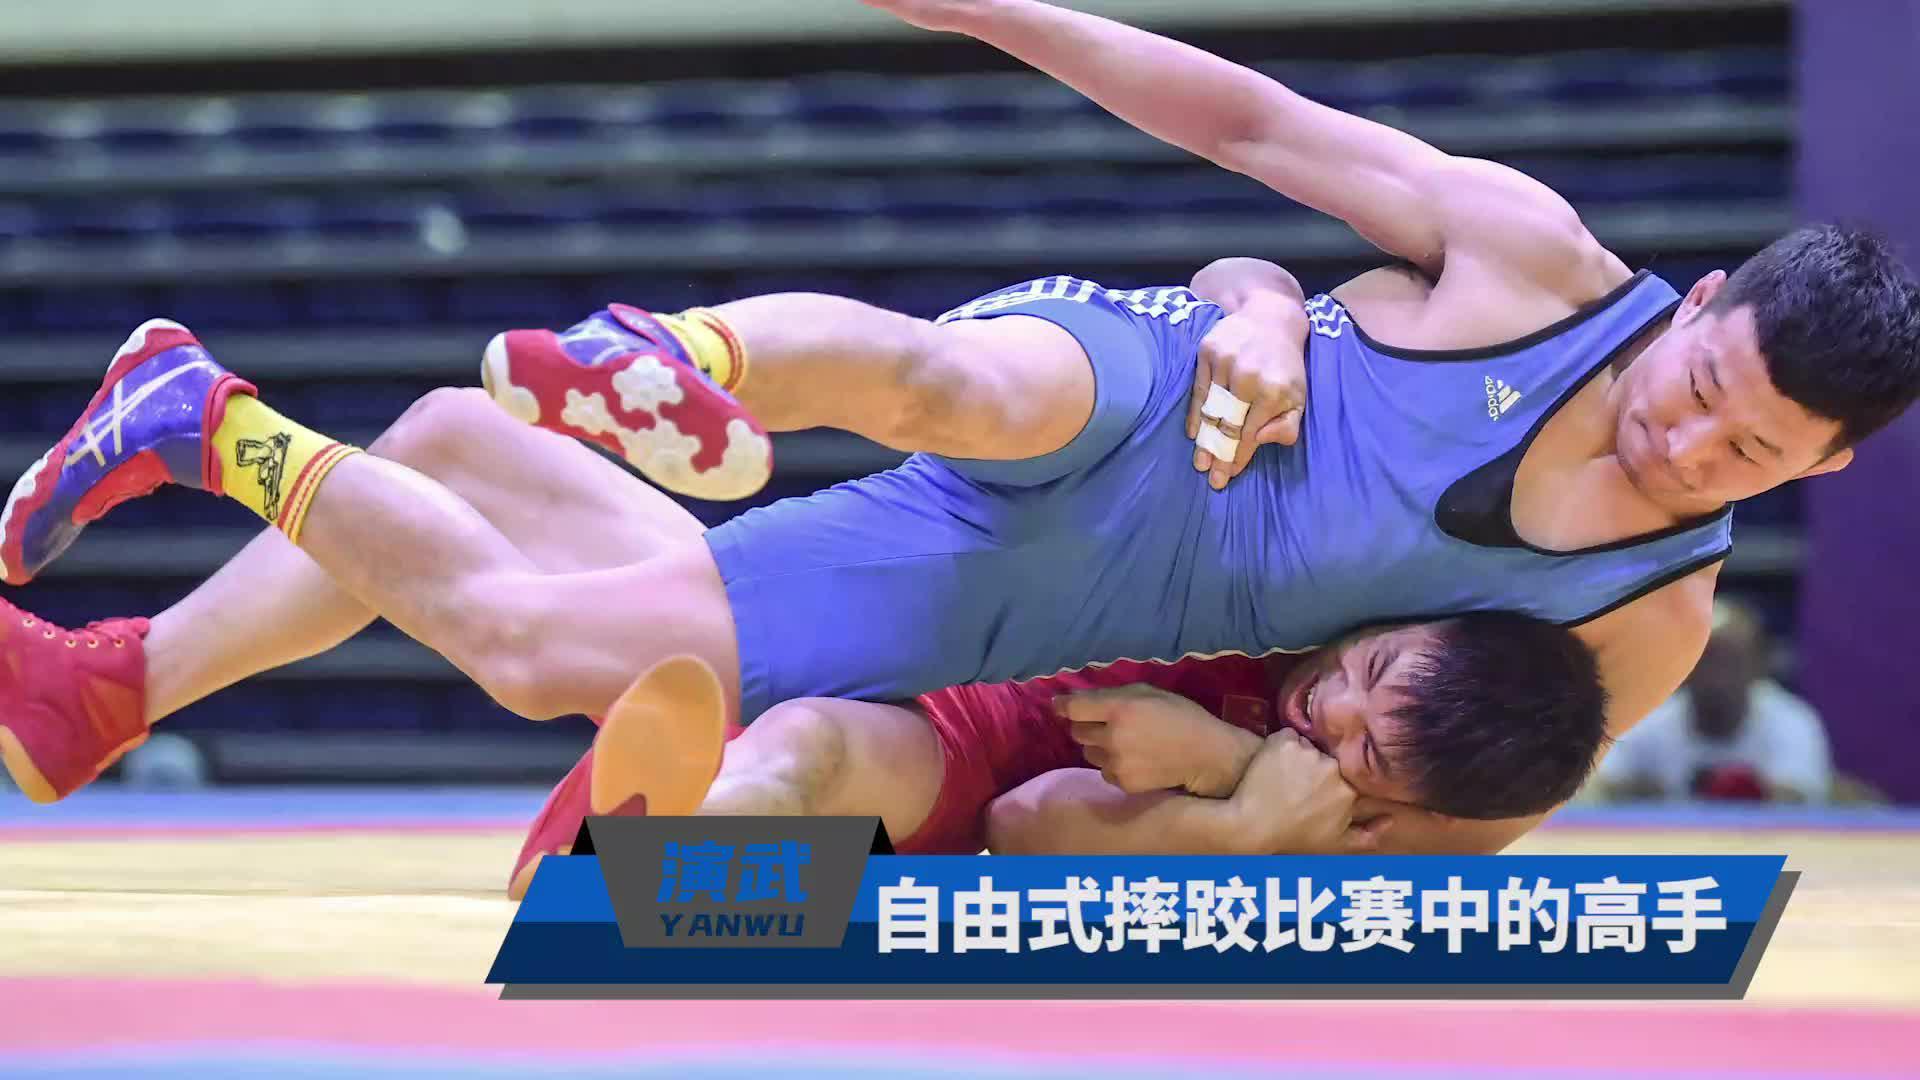 自由式摔跤比赛中的高手,这摔法和散打运动员比呢?